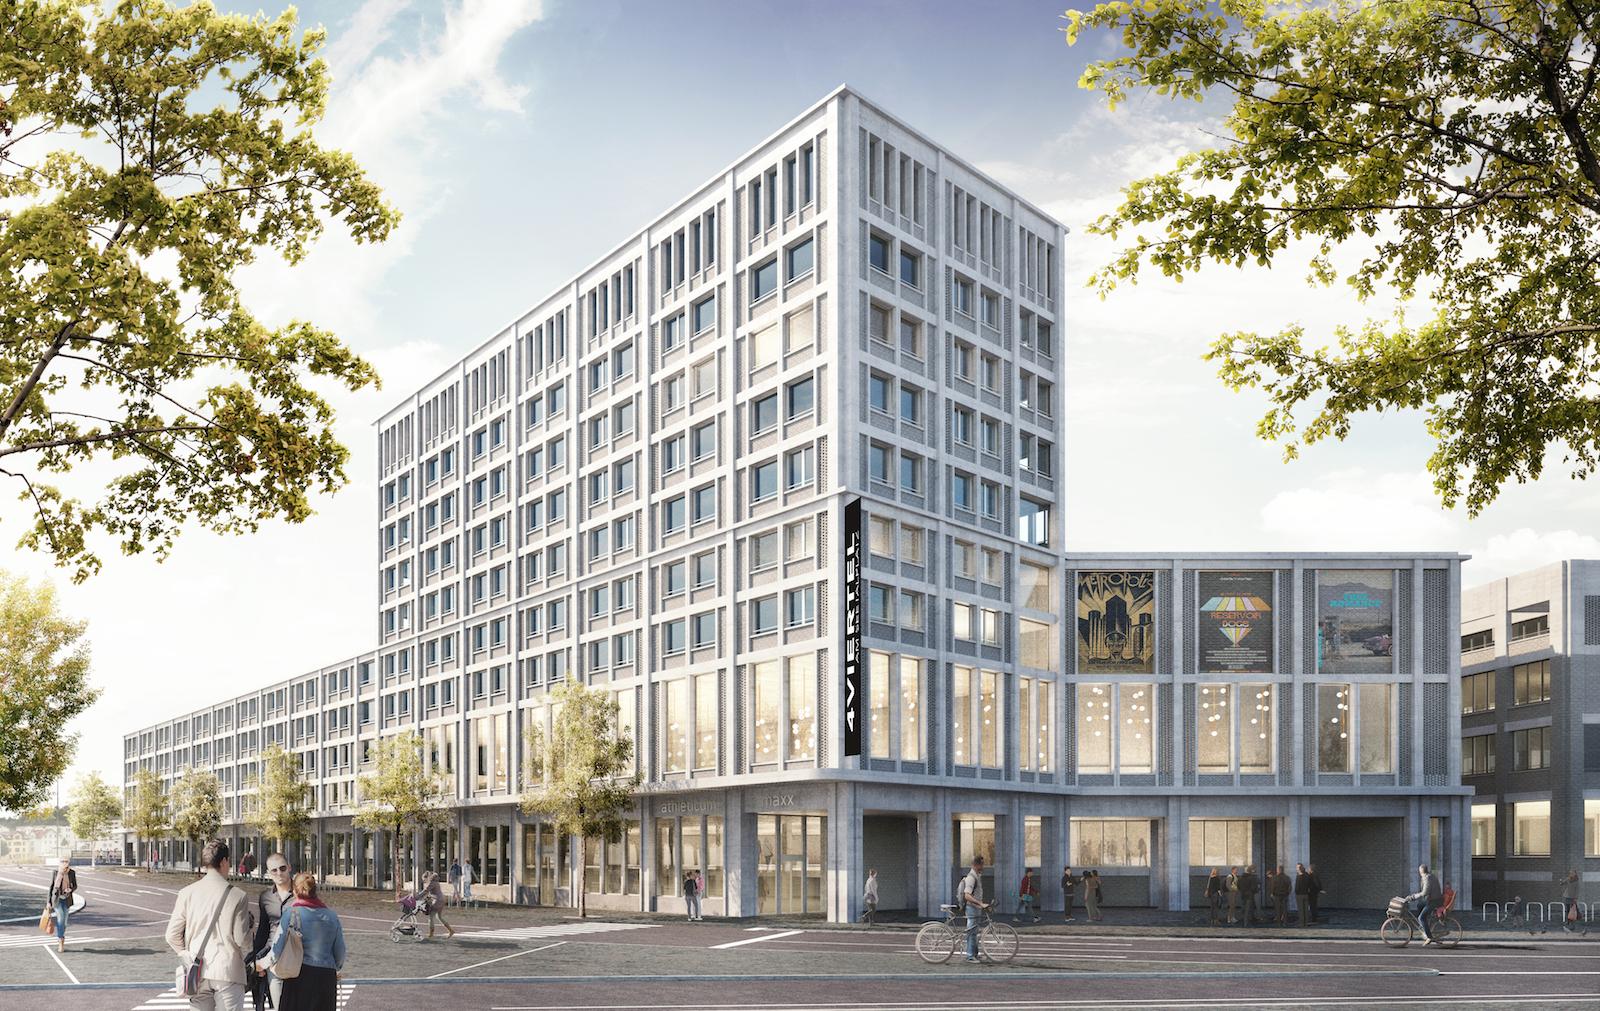 Der Spatenstich für den Neubau könnte laut den Verantwortlichen im Winter 2020 erfolgen. (Visualisierung: Nightnurse Images Gmbh)